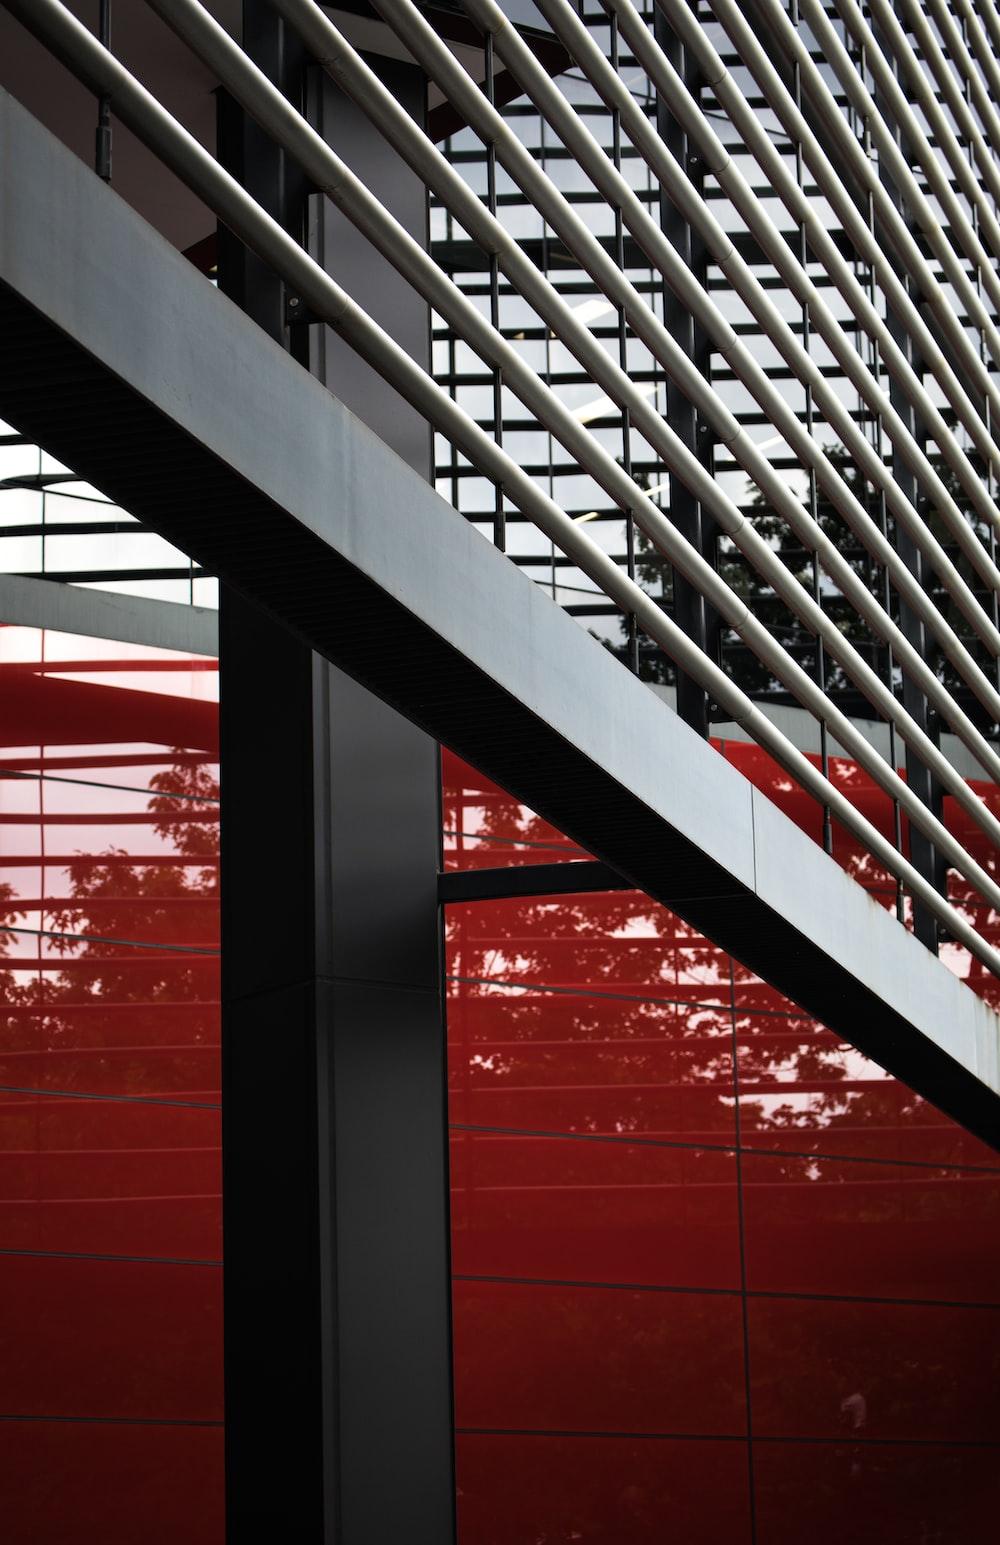 black metal railings near red wall